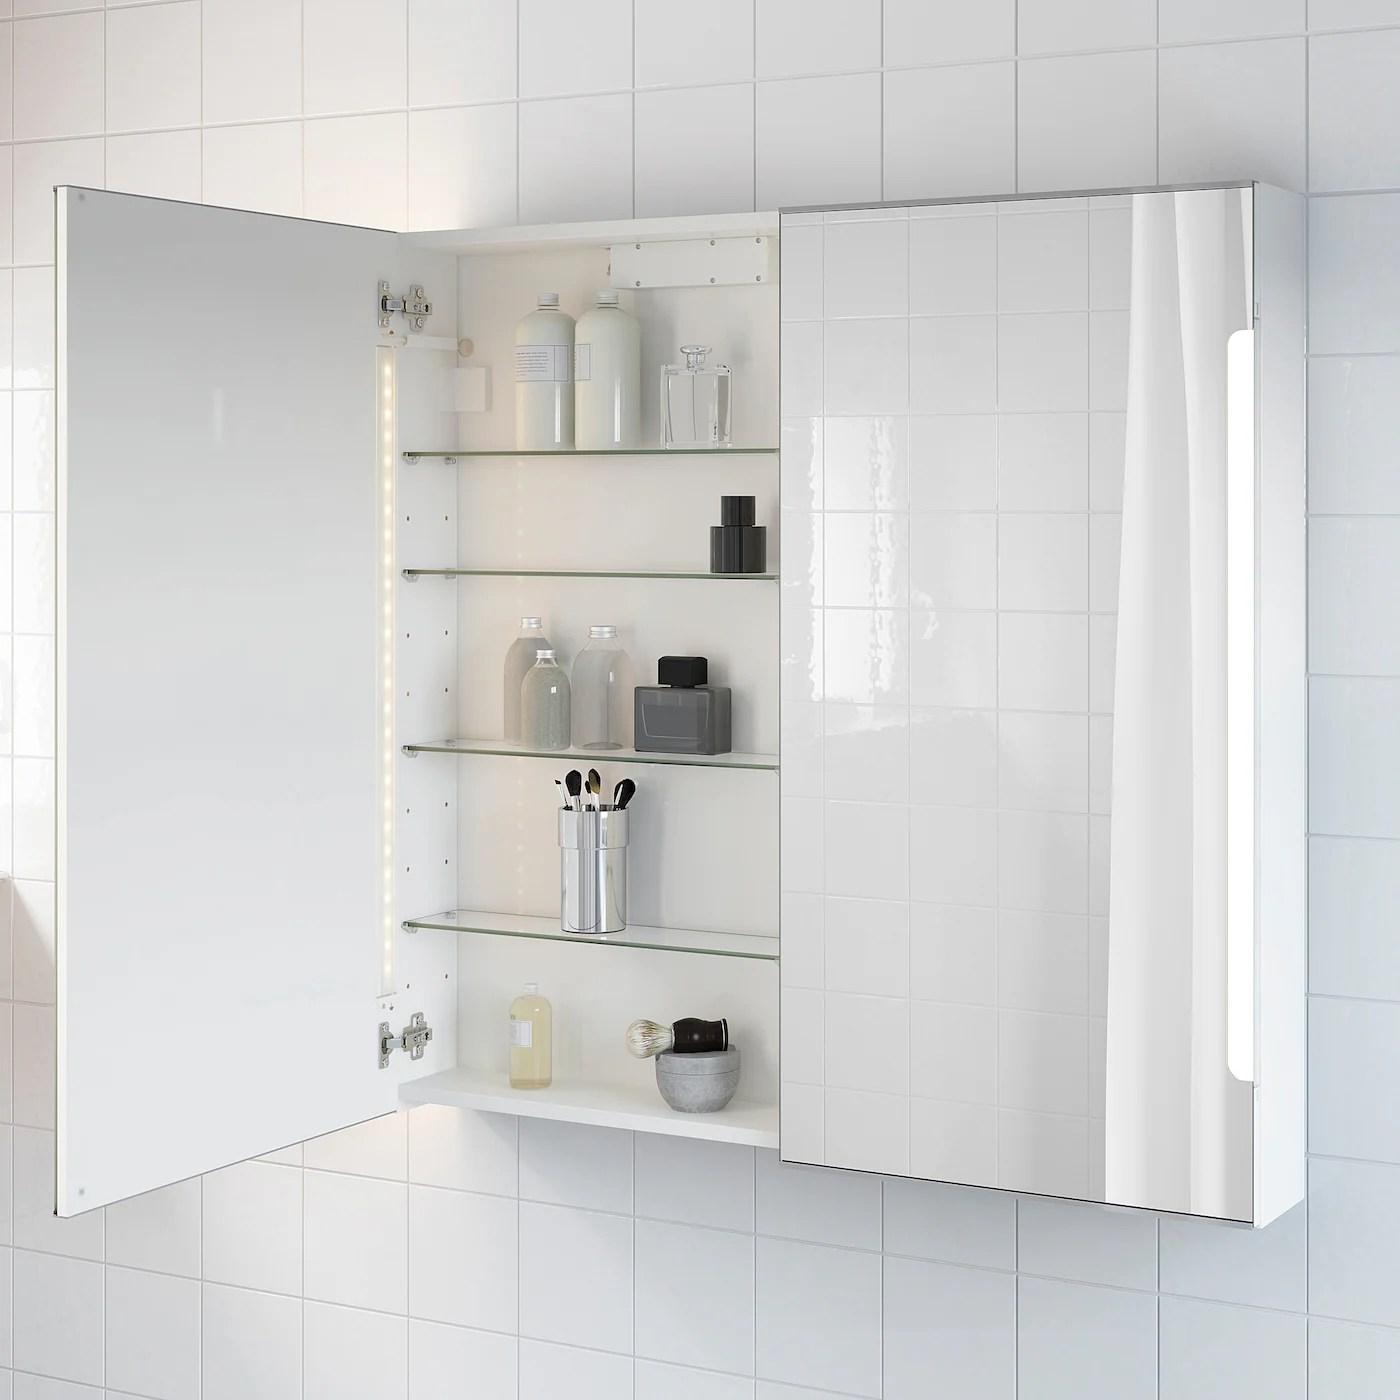 Storjorm Element Miroir 2ptes Eclairage Int Blanc 100x14x96 Cm Ikea